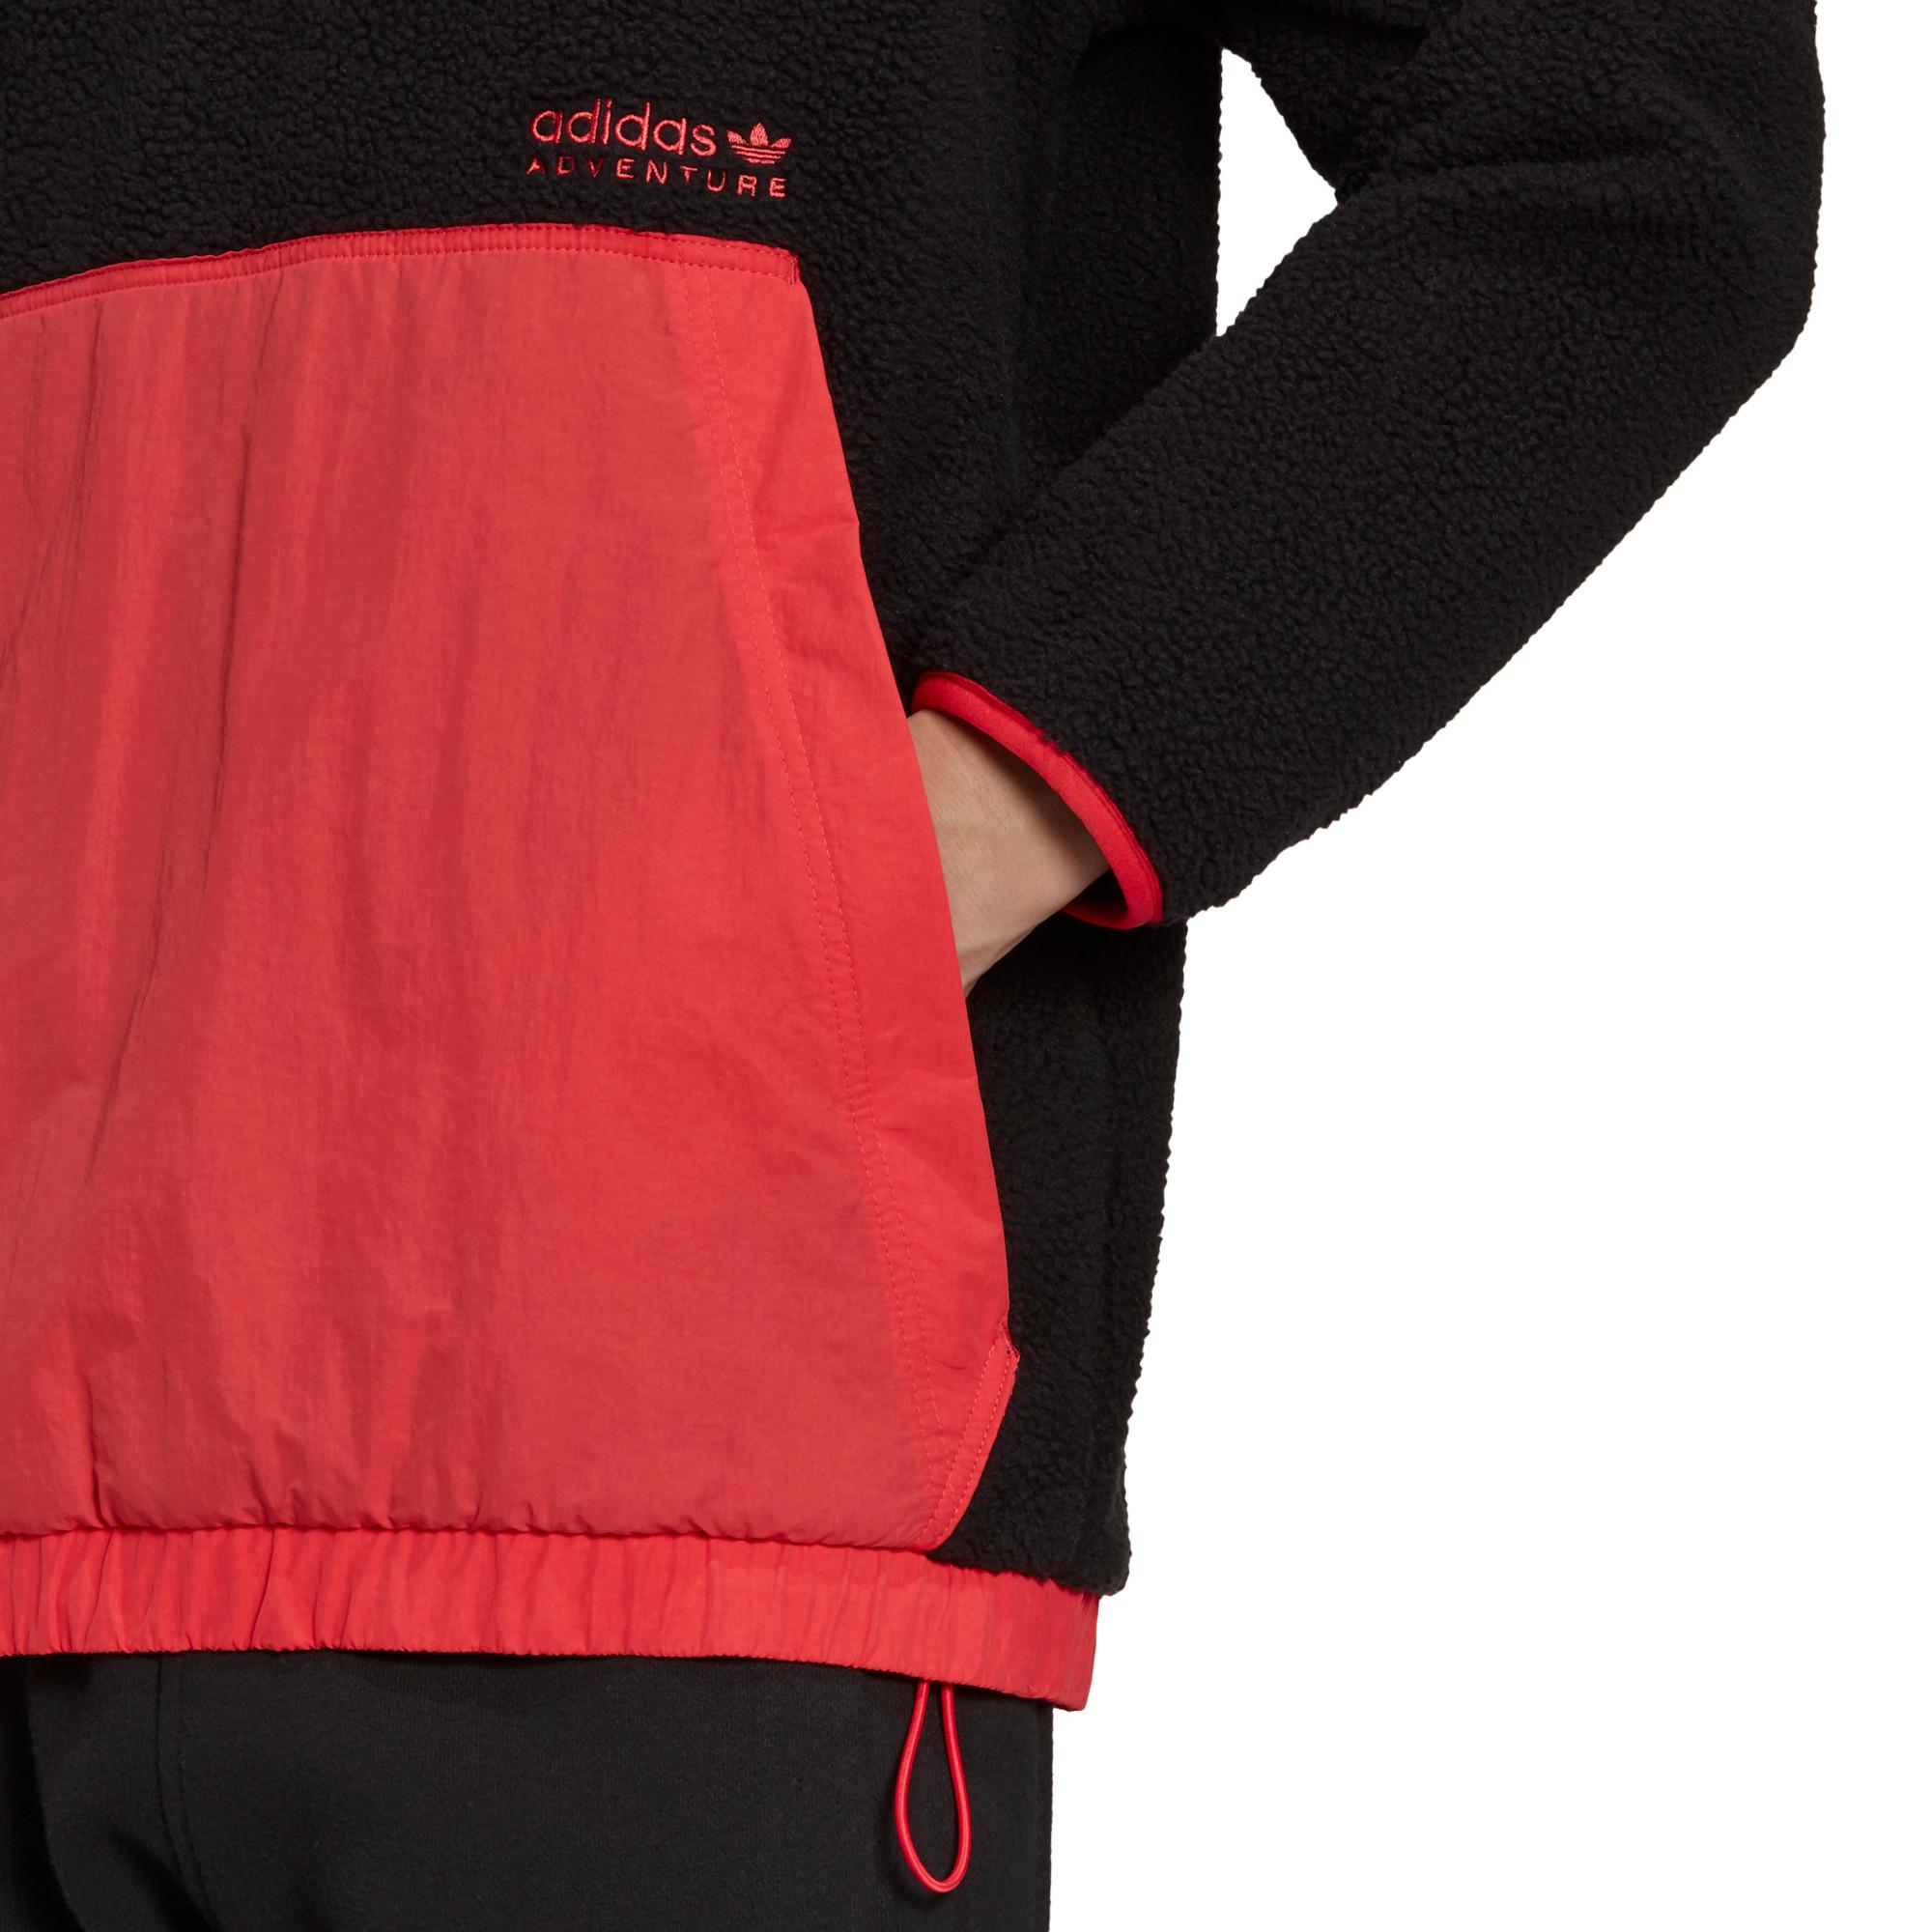 Felpa con cappuccio adidas Adventure Polar Fleece, Nero, large image number 5